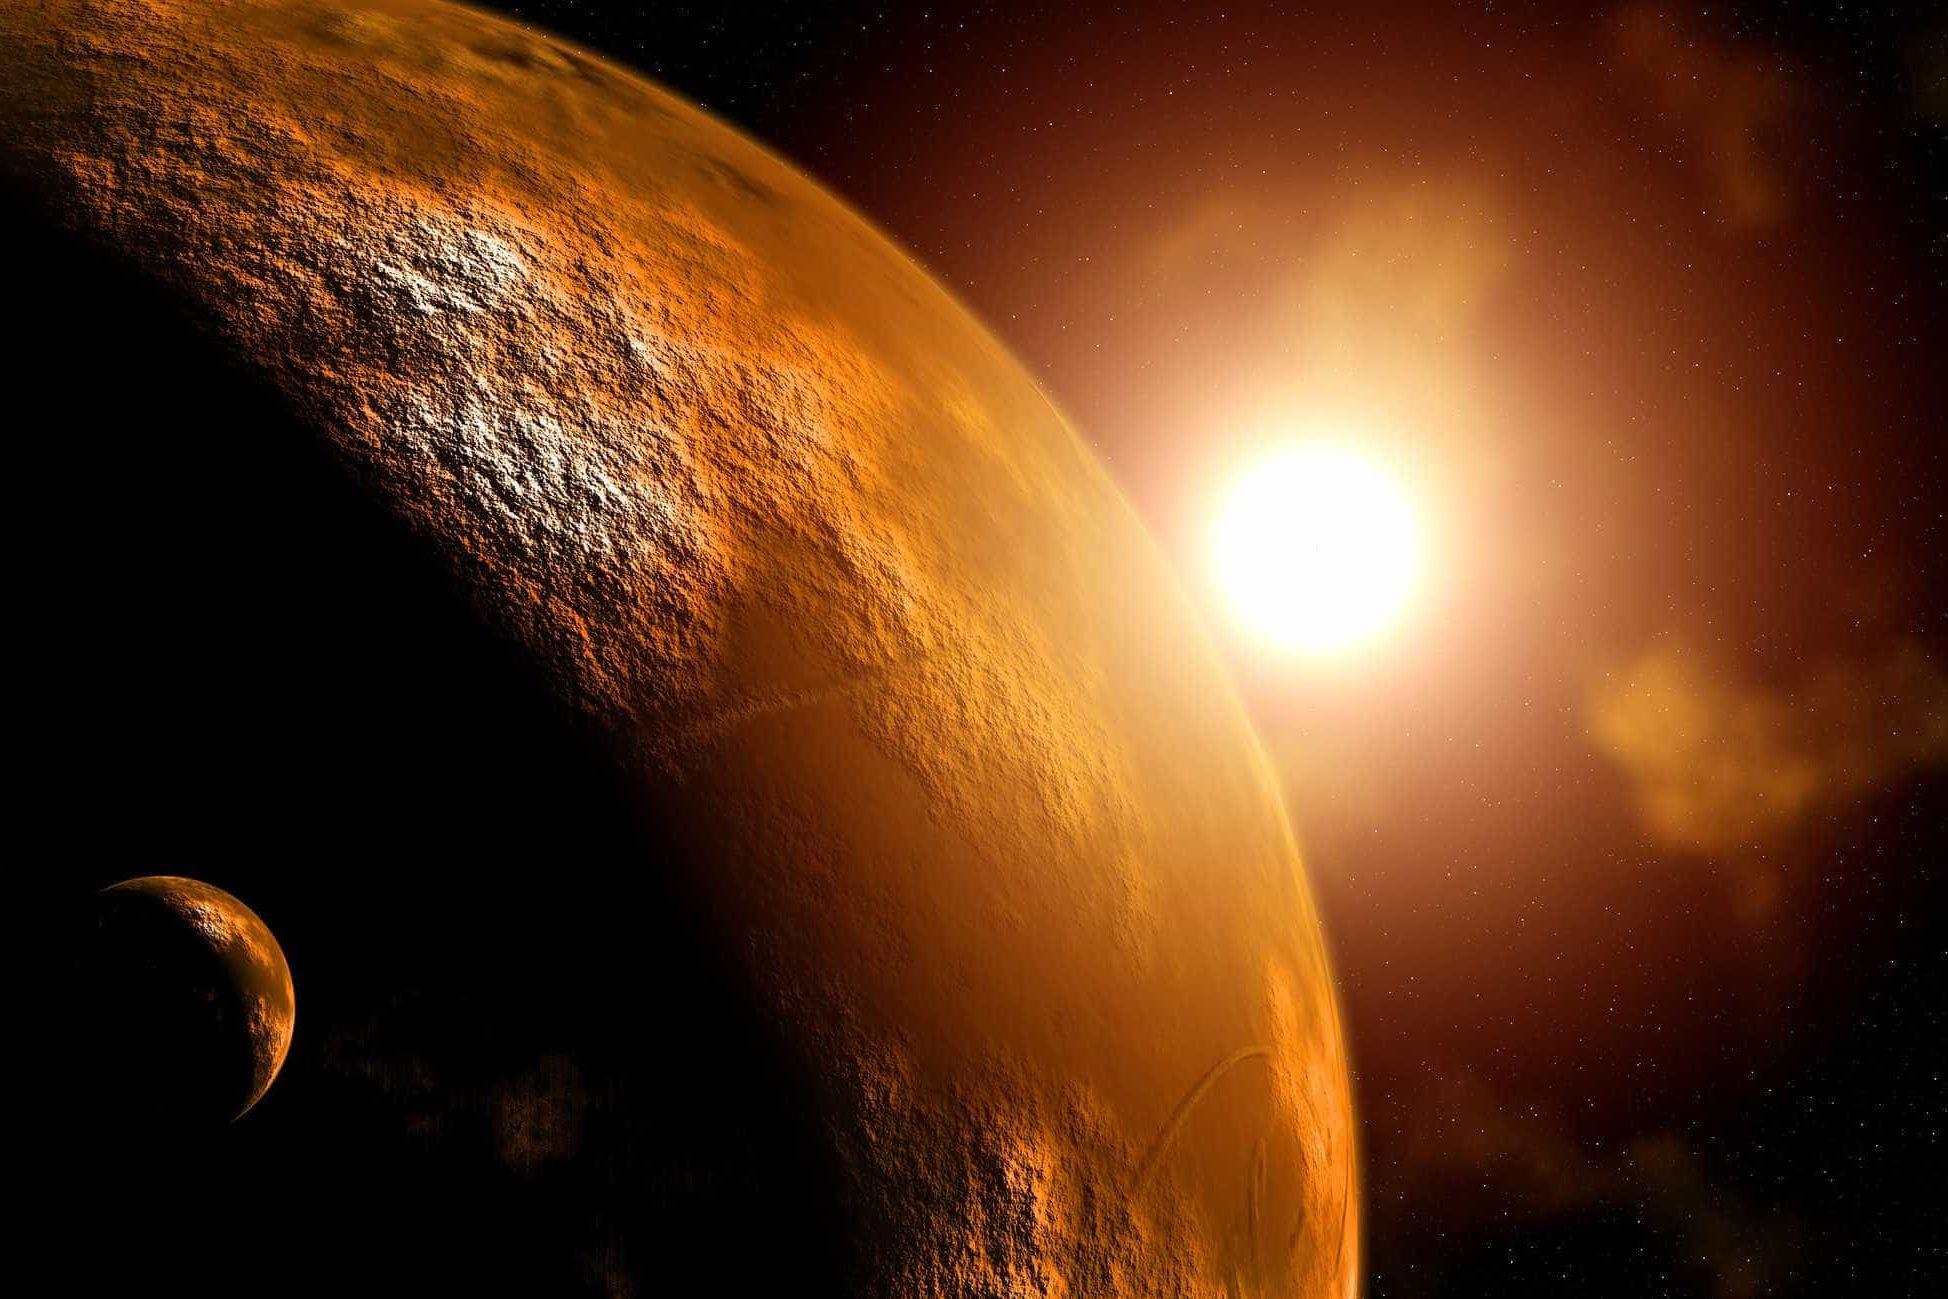 Marte tem depósito de água em estado líquido, confirmam cientistas